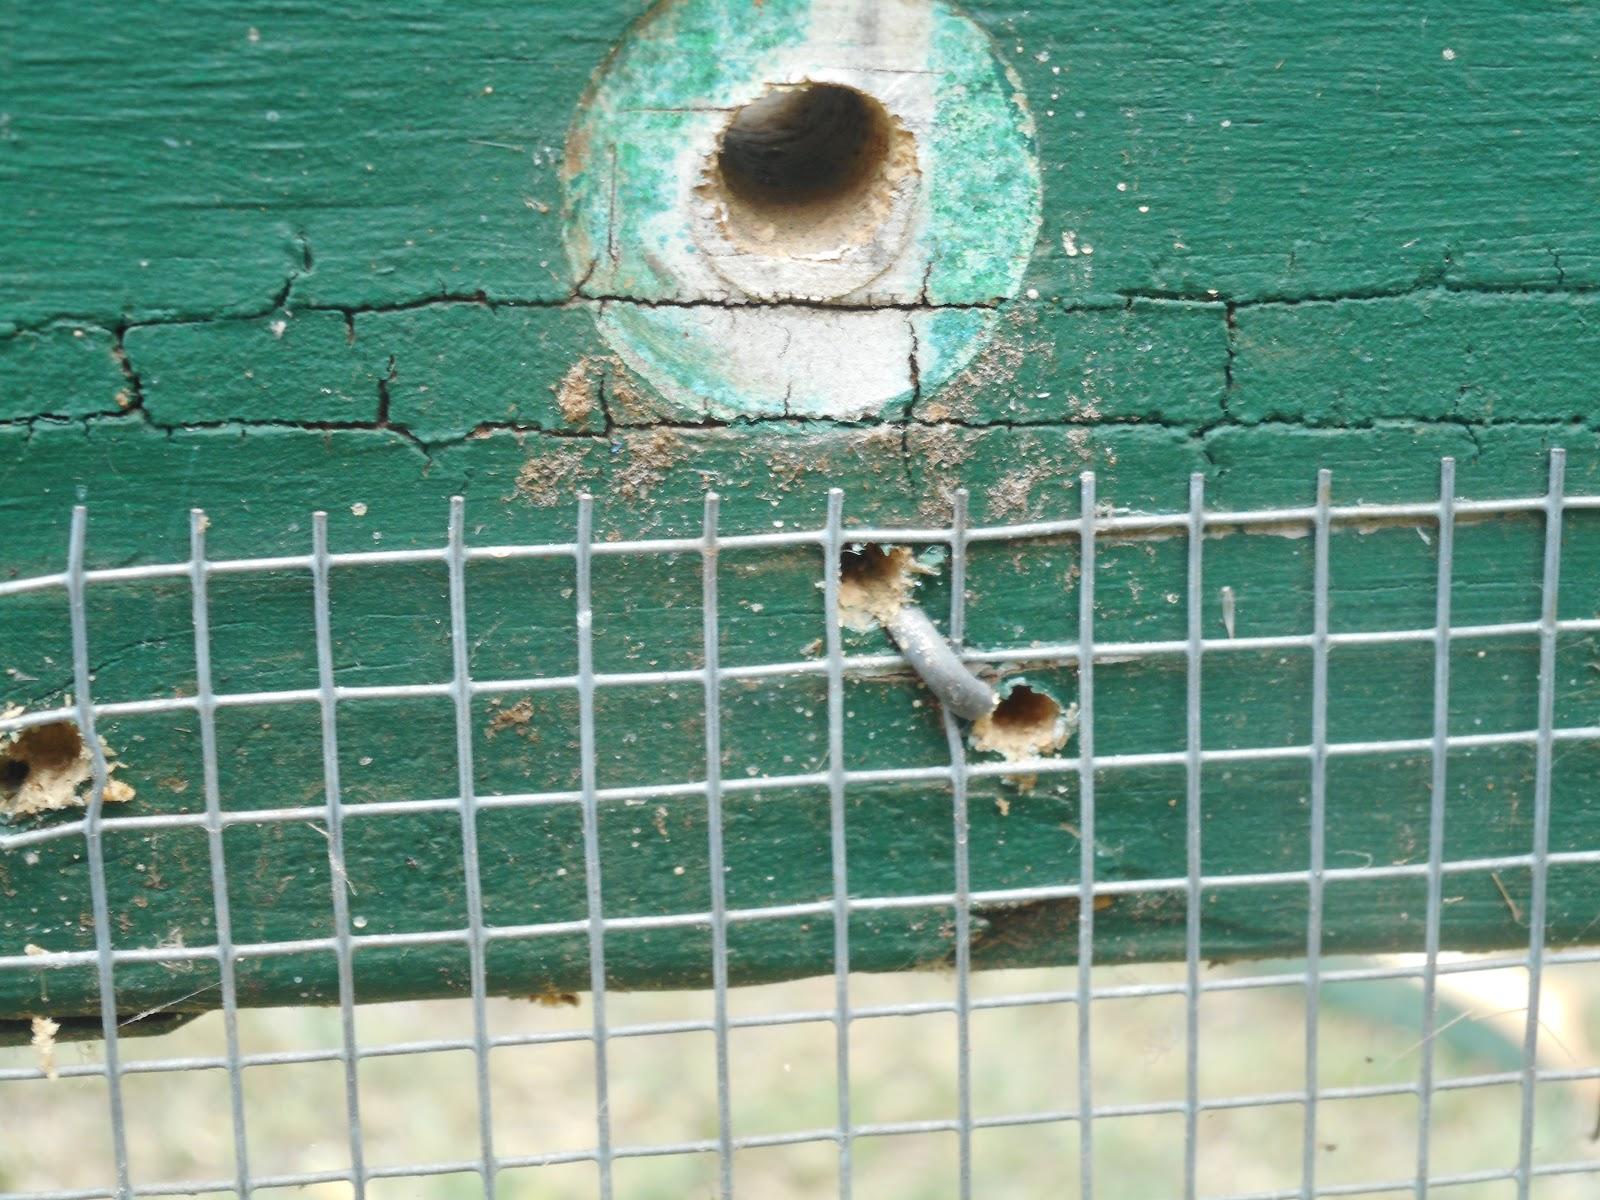 Gully Grove: Snake mesh